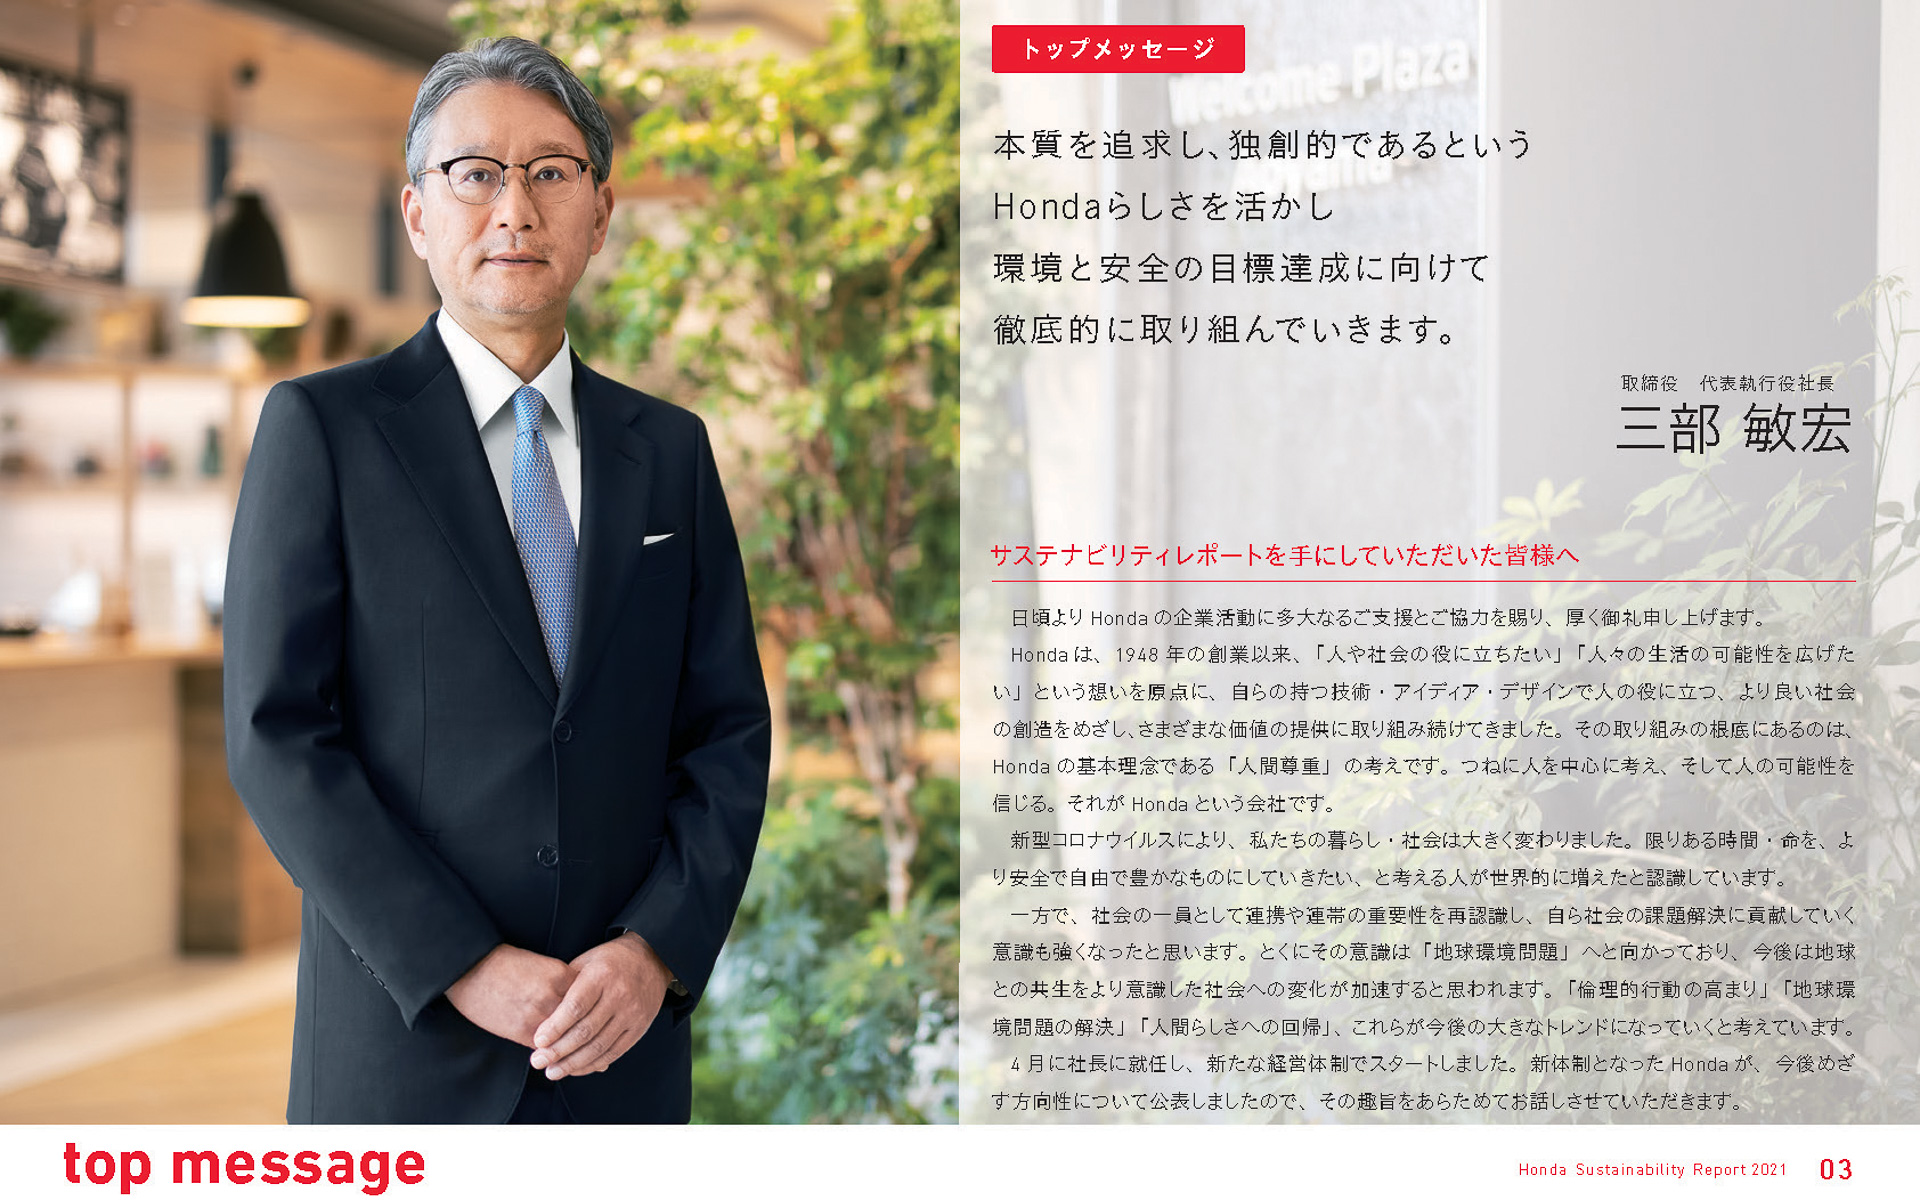 取締役 代表執行役社長 最高経営責任者 三部敏宏氏のメッセージ